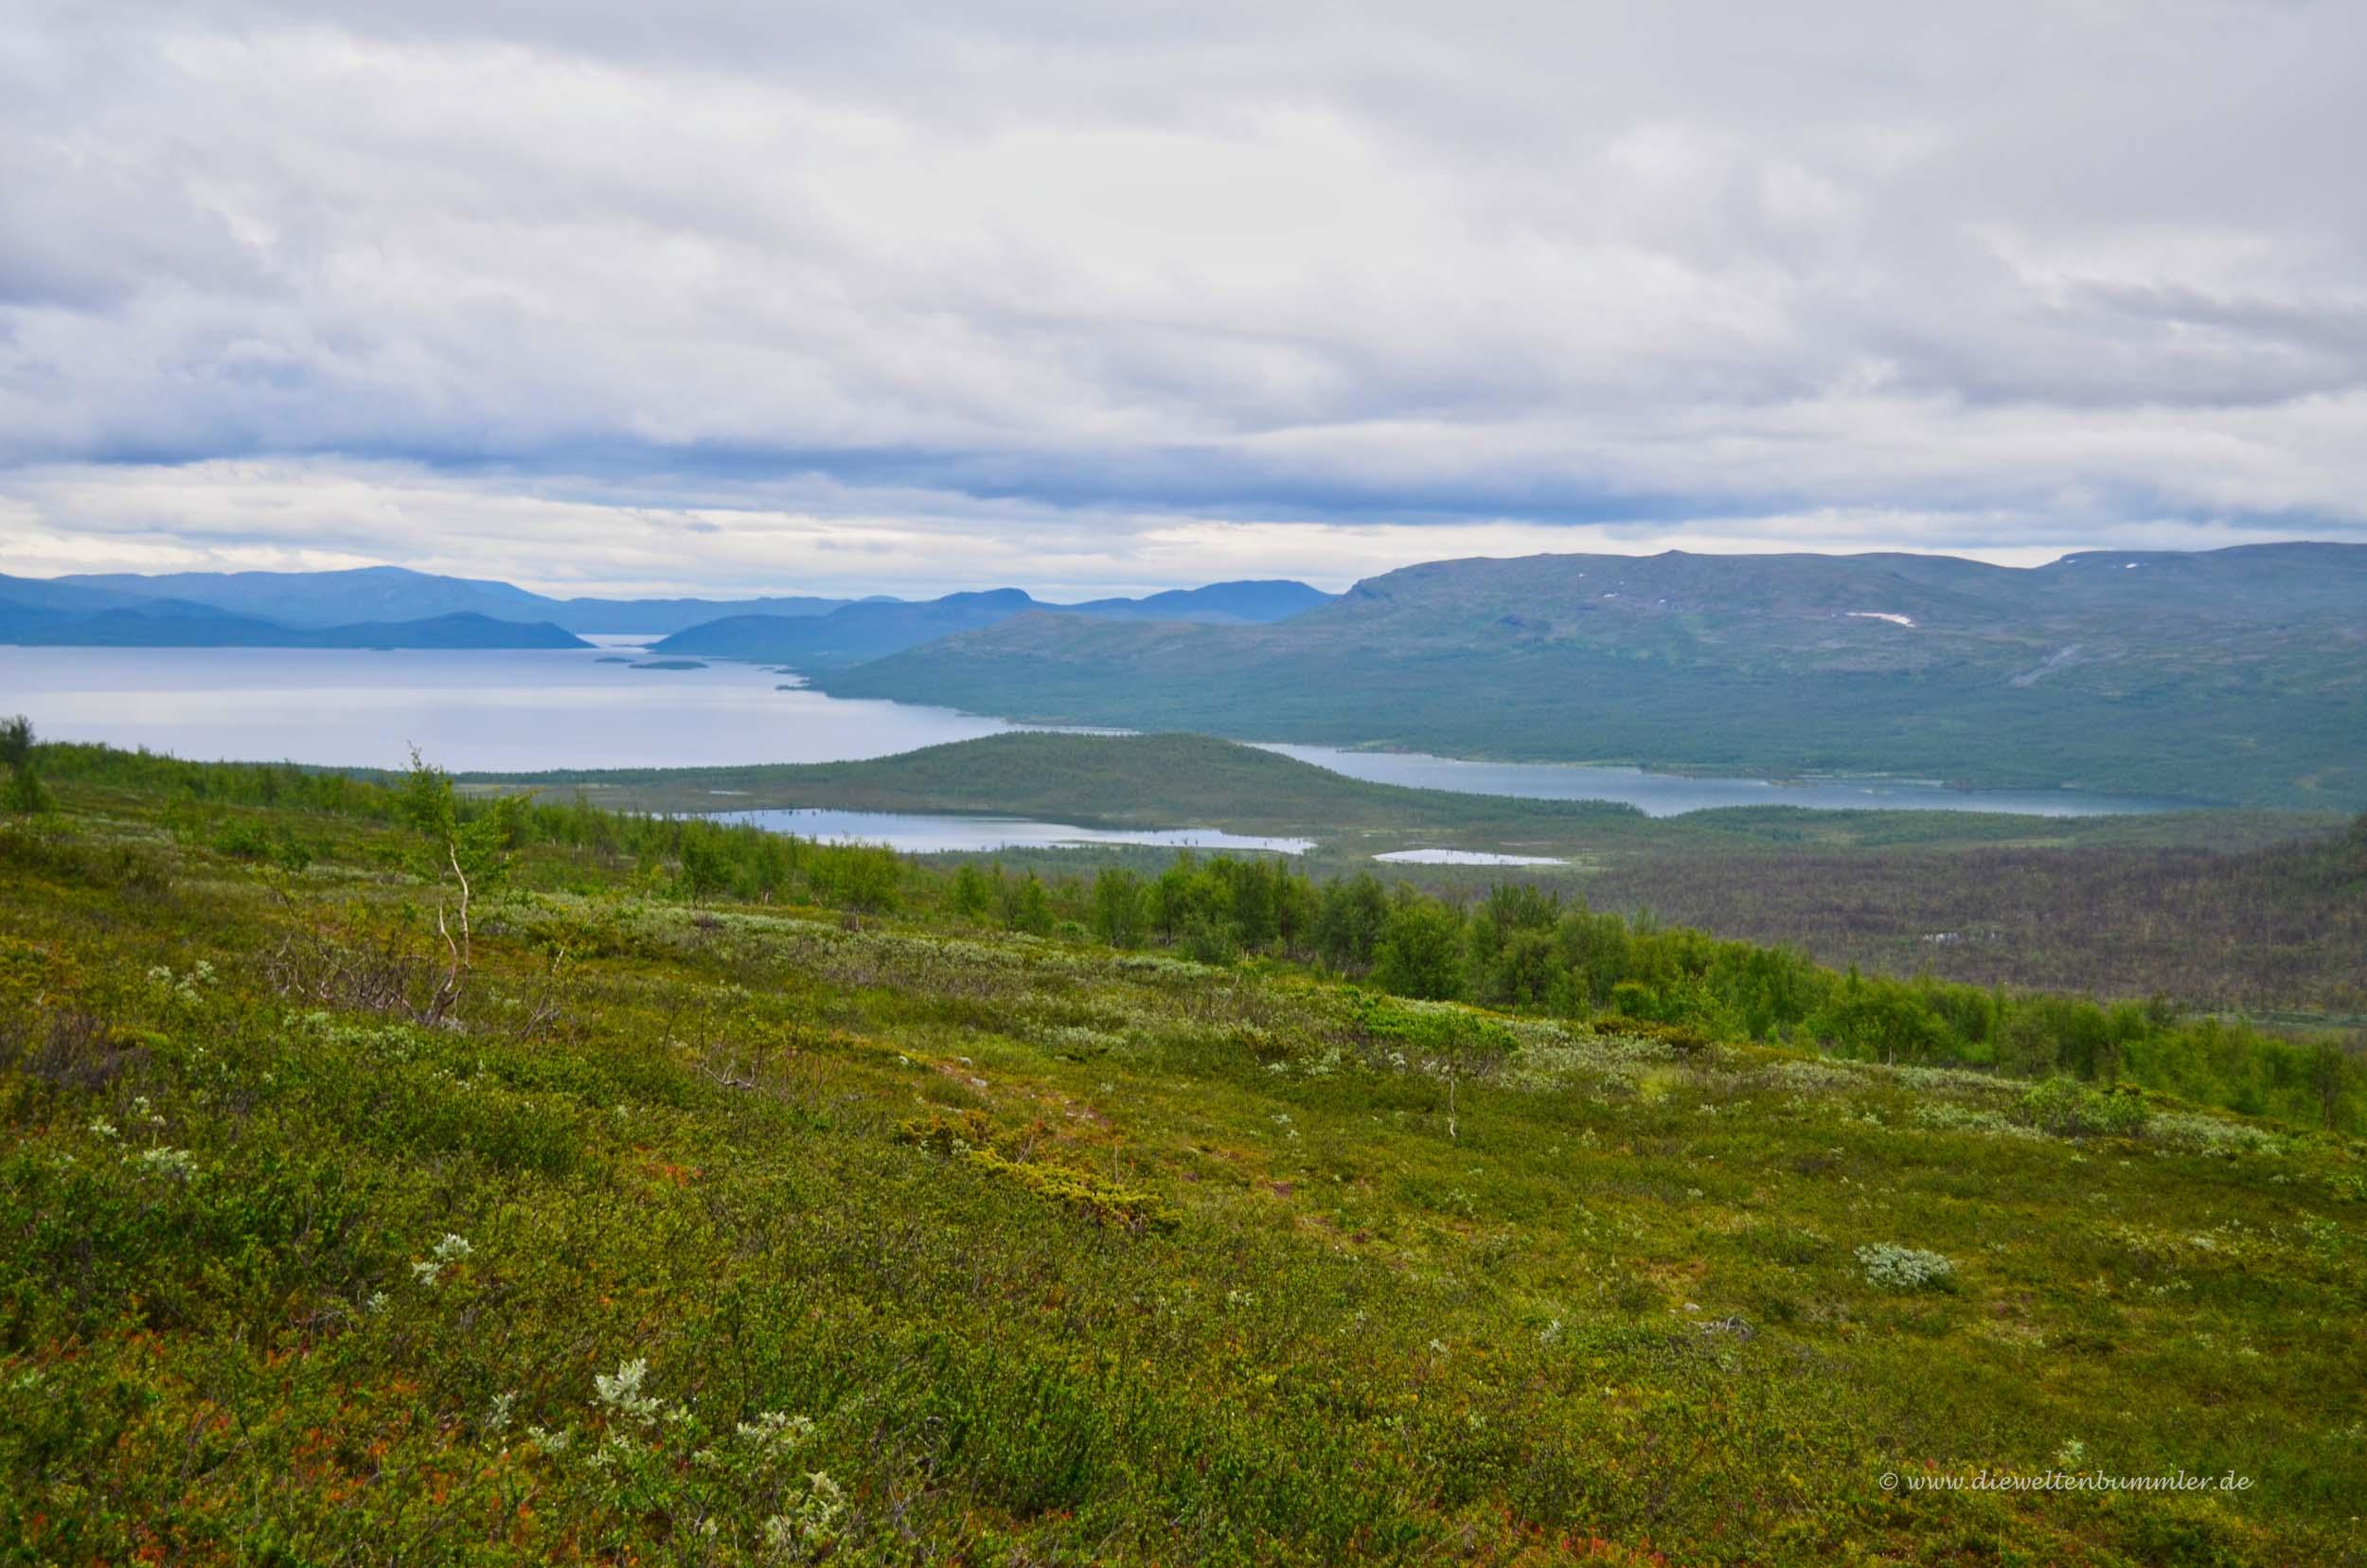 Typische Seenlandschaft in Lappland